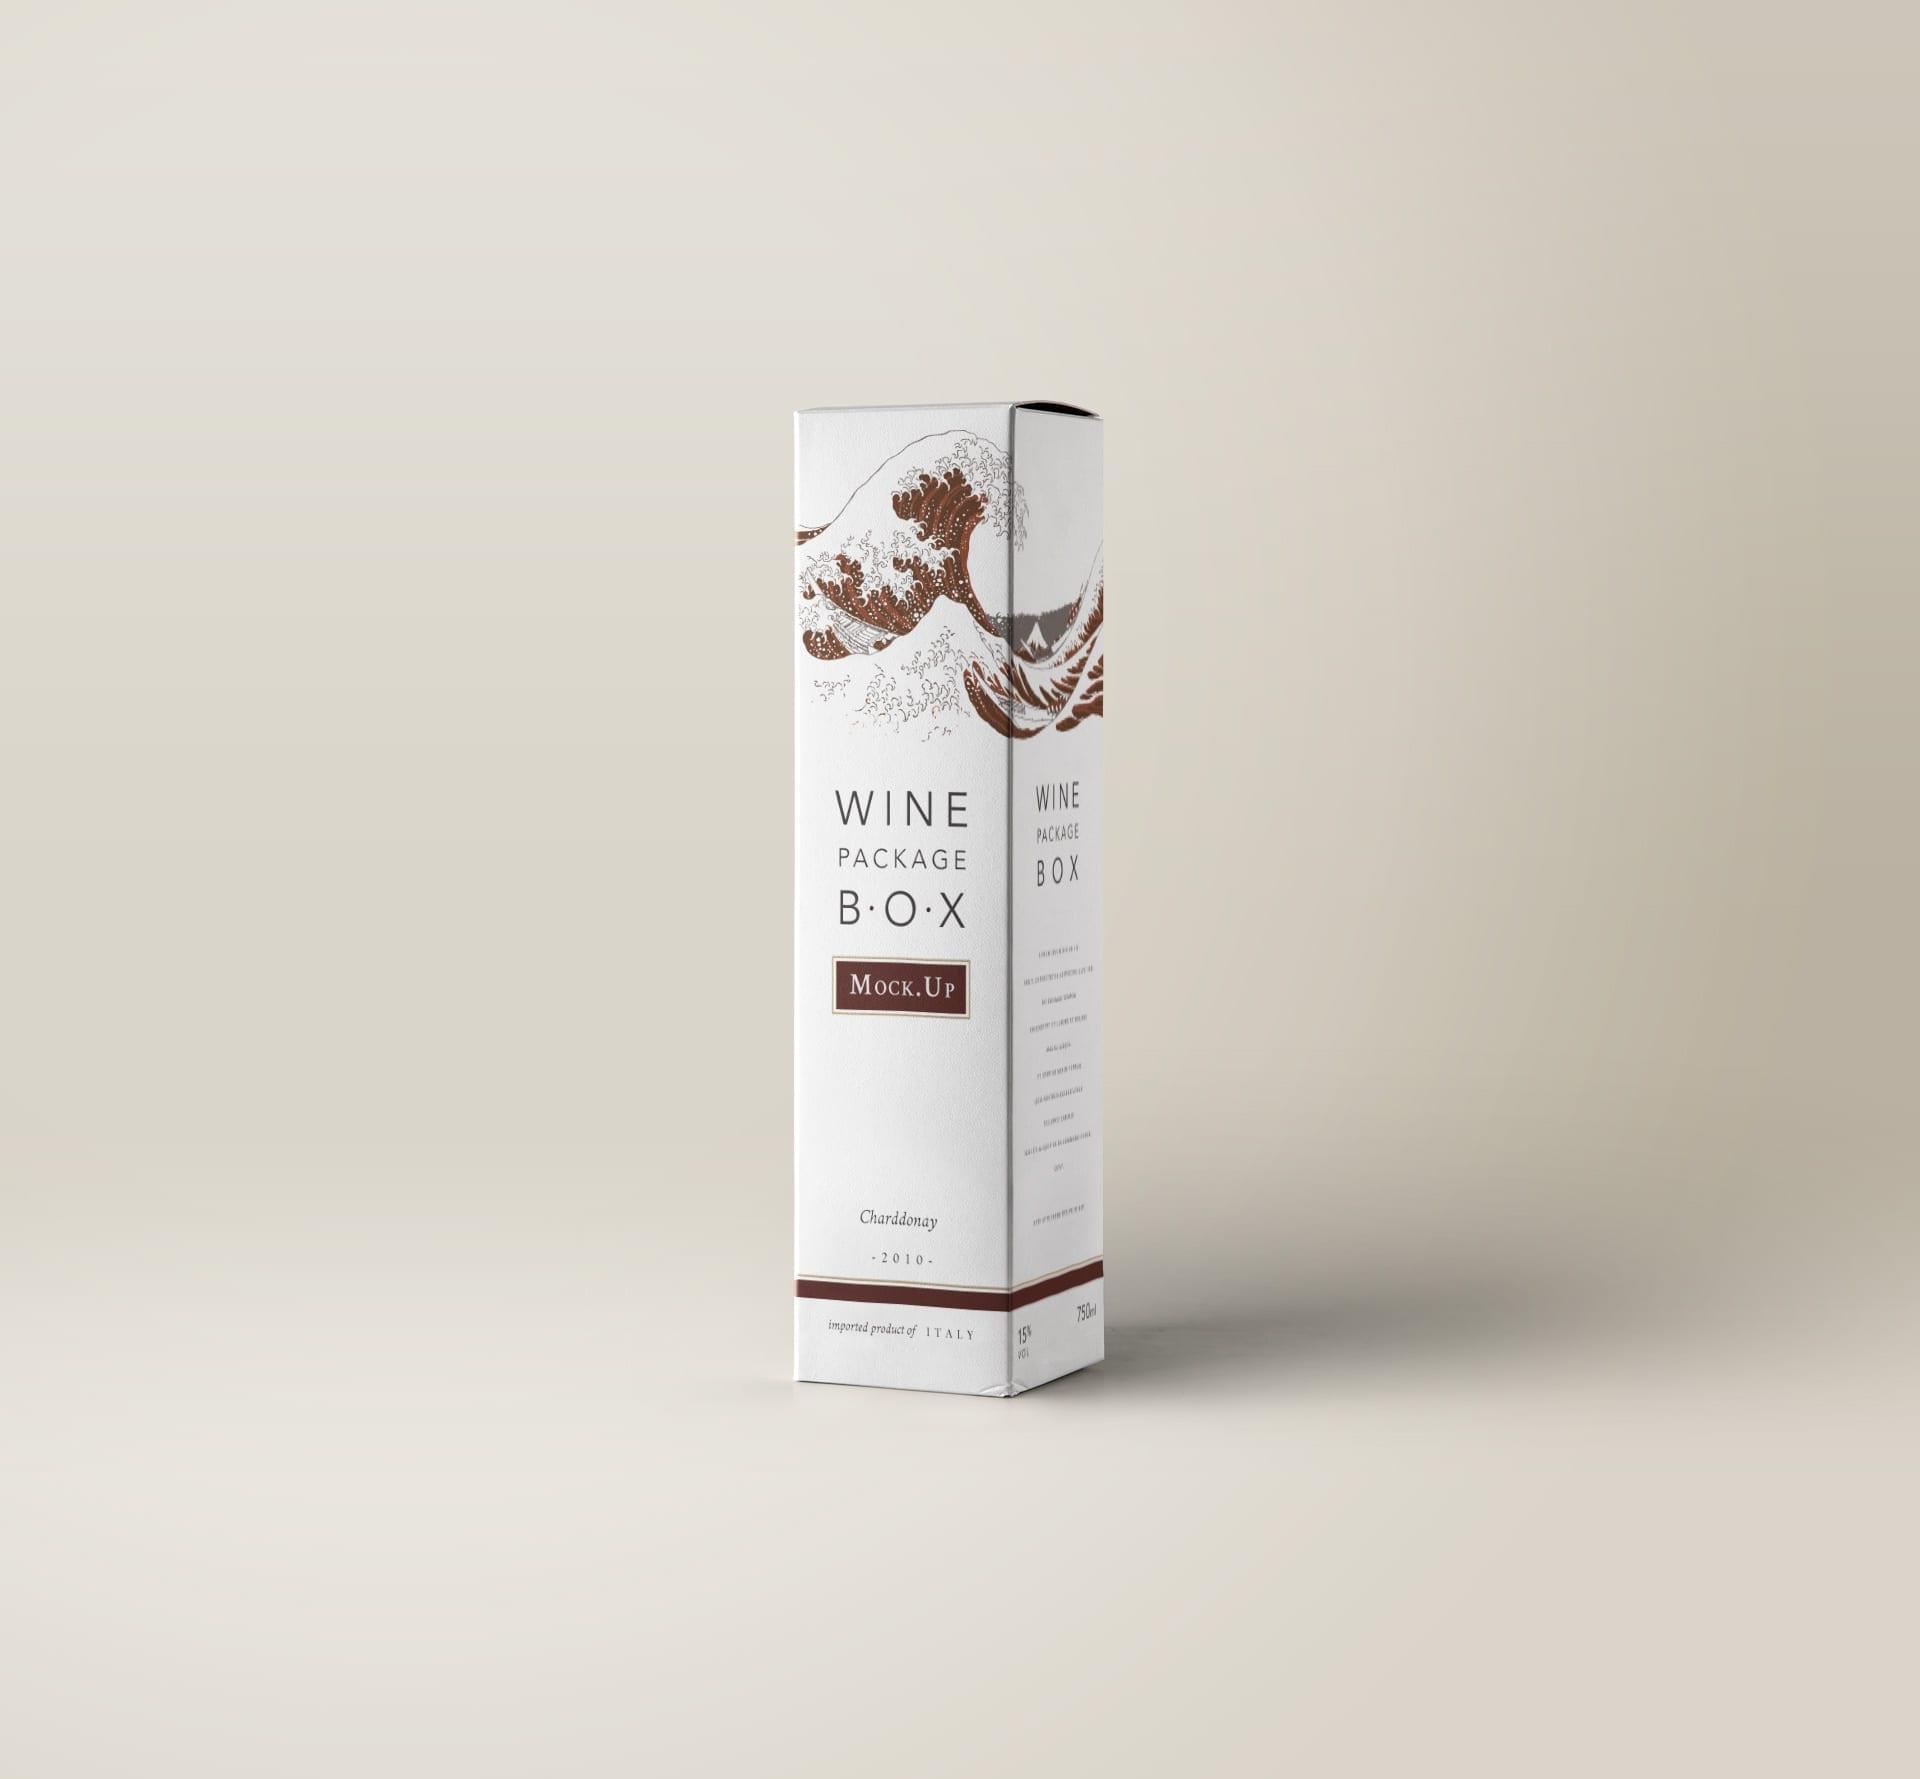 Wine-Package-Box-Mockup-vol-1